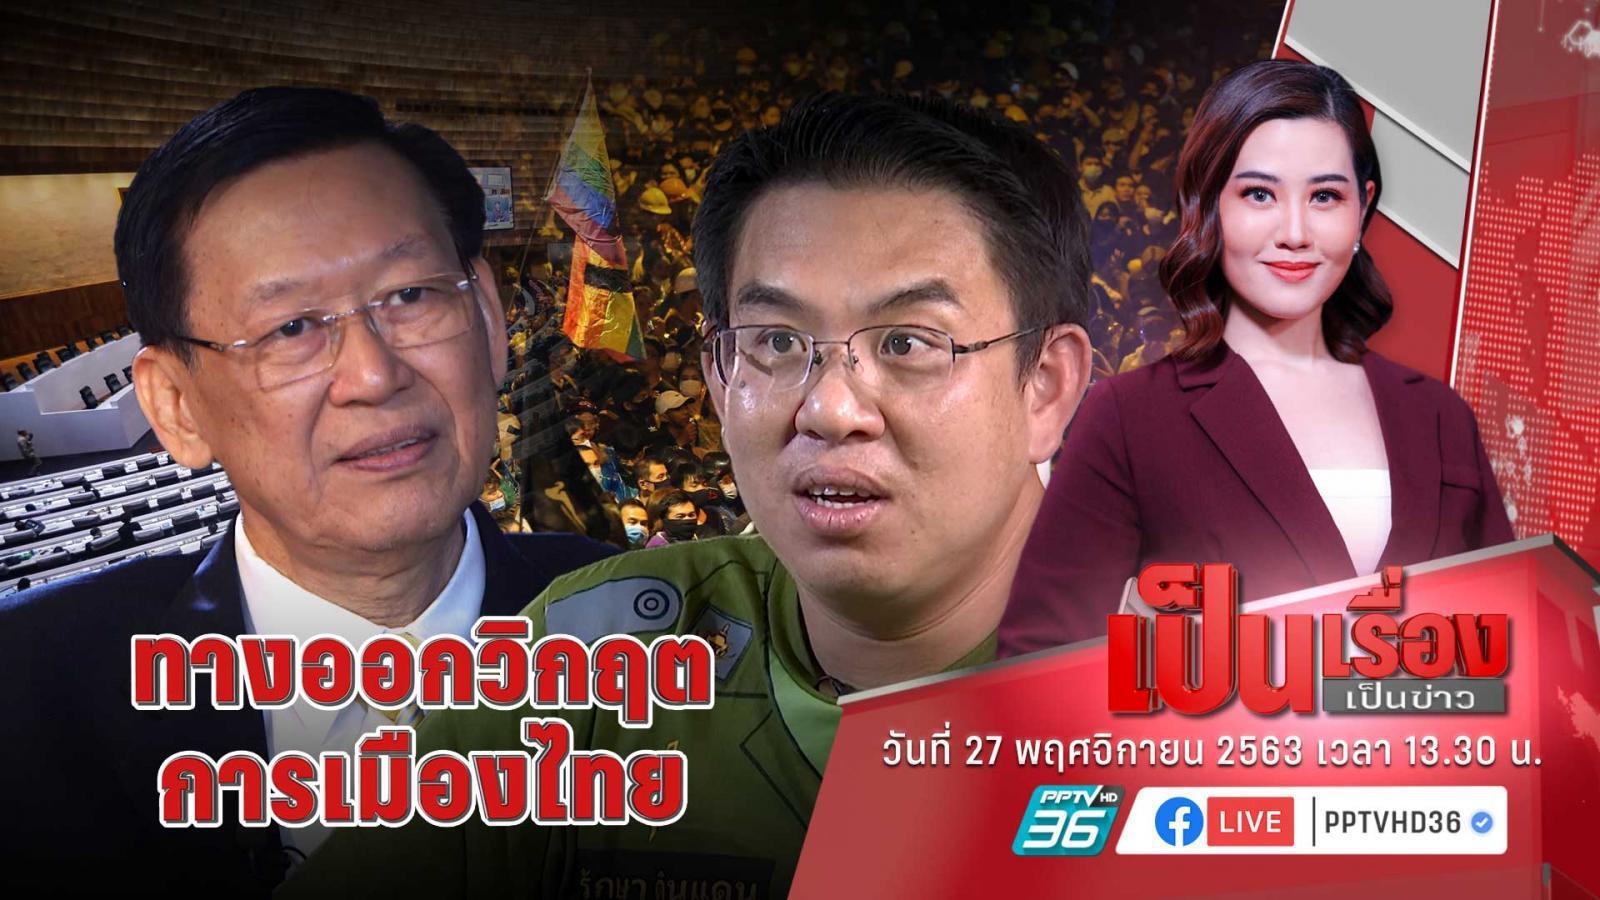 ทางออกวิกฤต การเมืองไทย กับ ไพบูลย์ นิติตะวัน และ  วิโรจน์ ลักขณาอดิศร